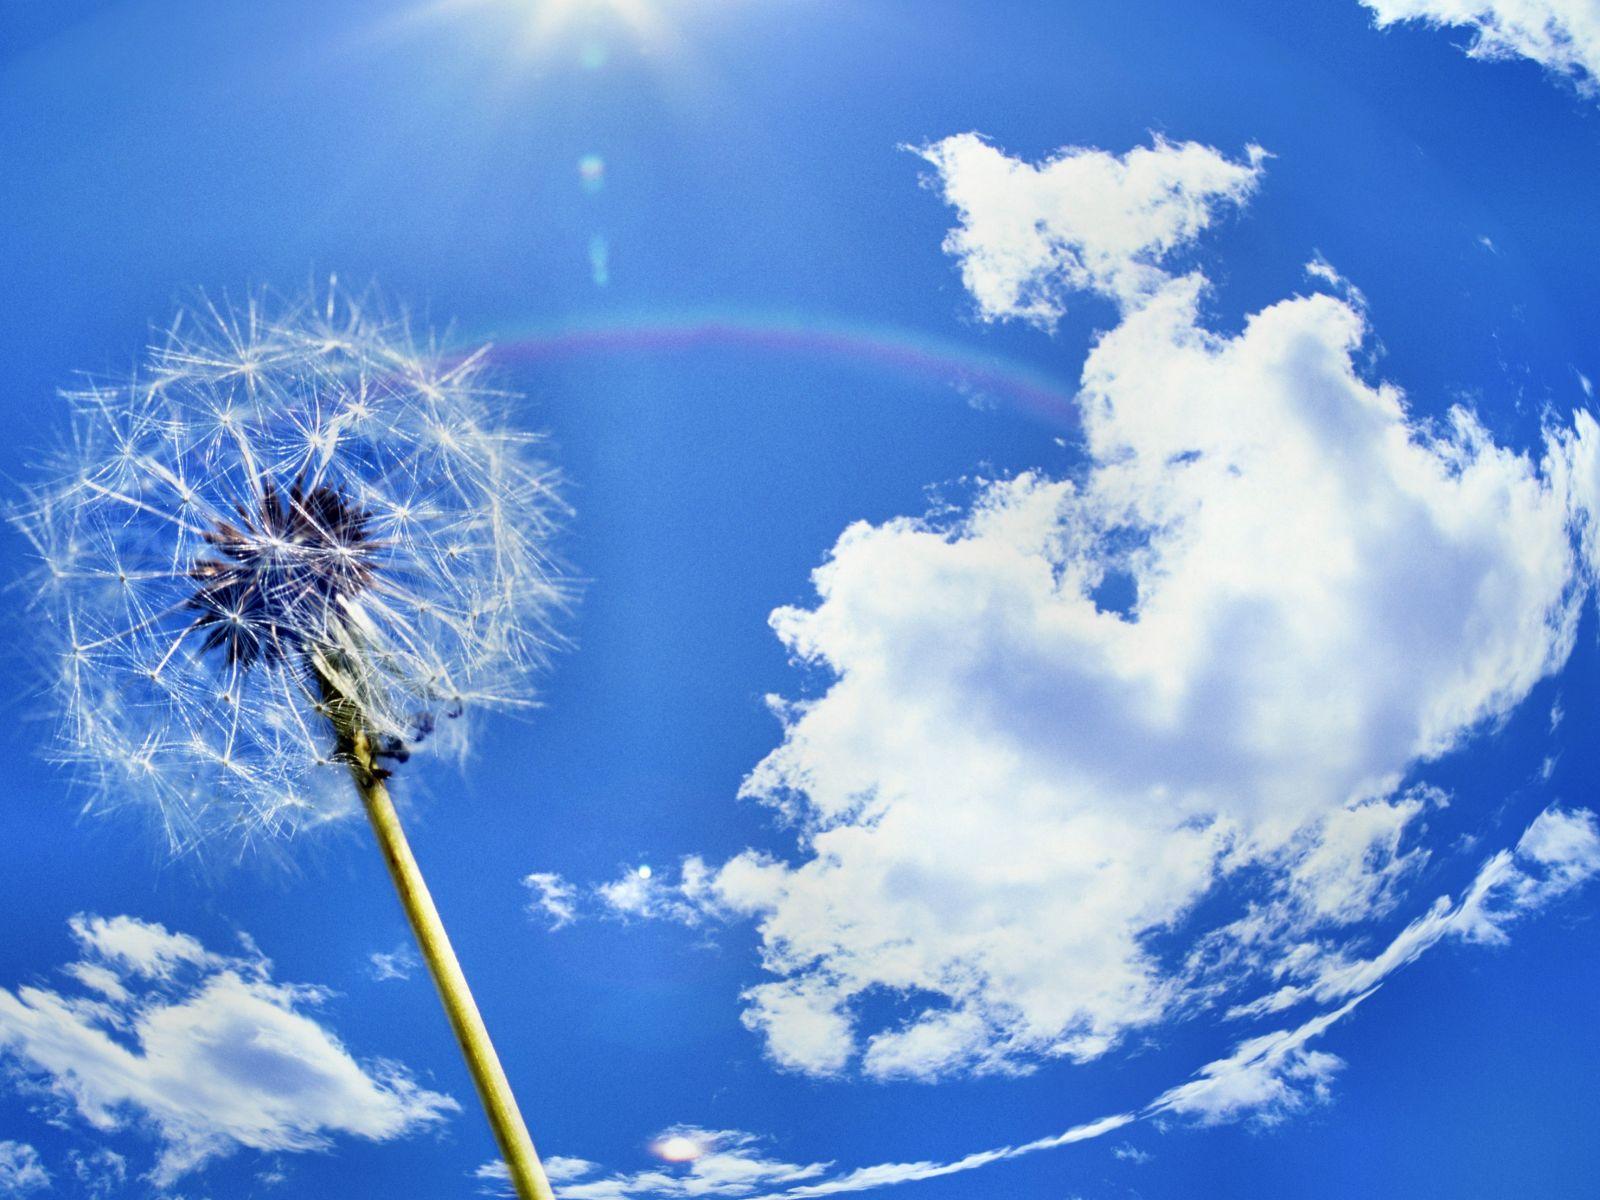 одуванчик, небо, облака, скачать фото, обои для рабочего стола, скачать